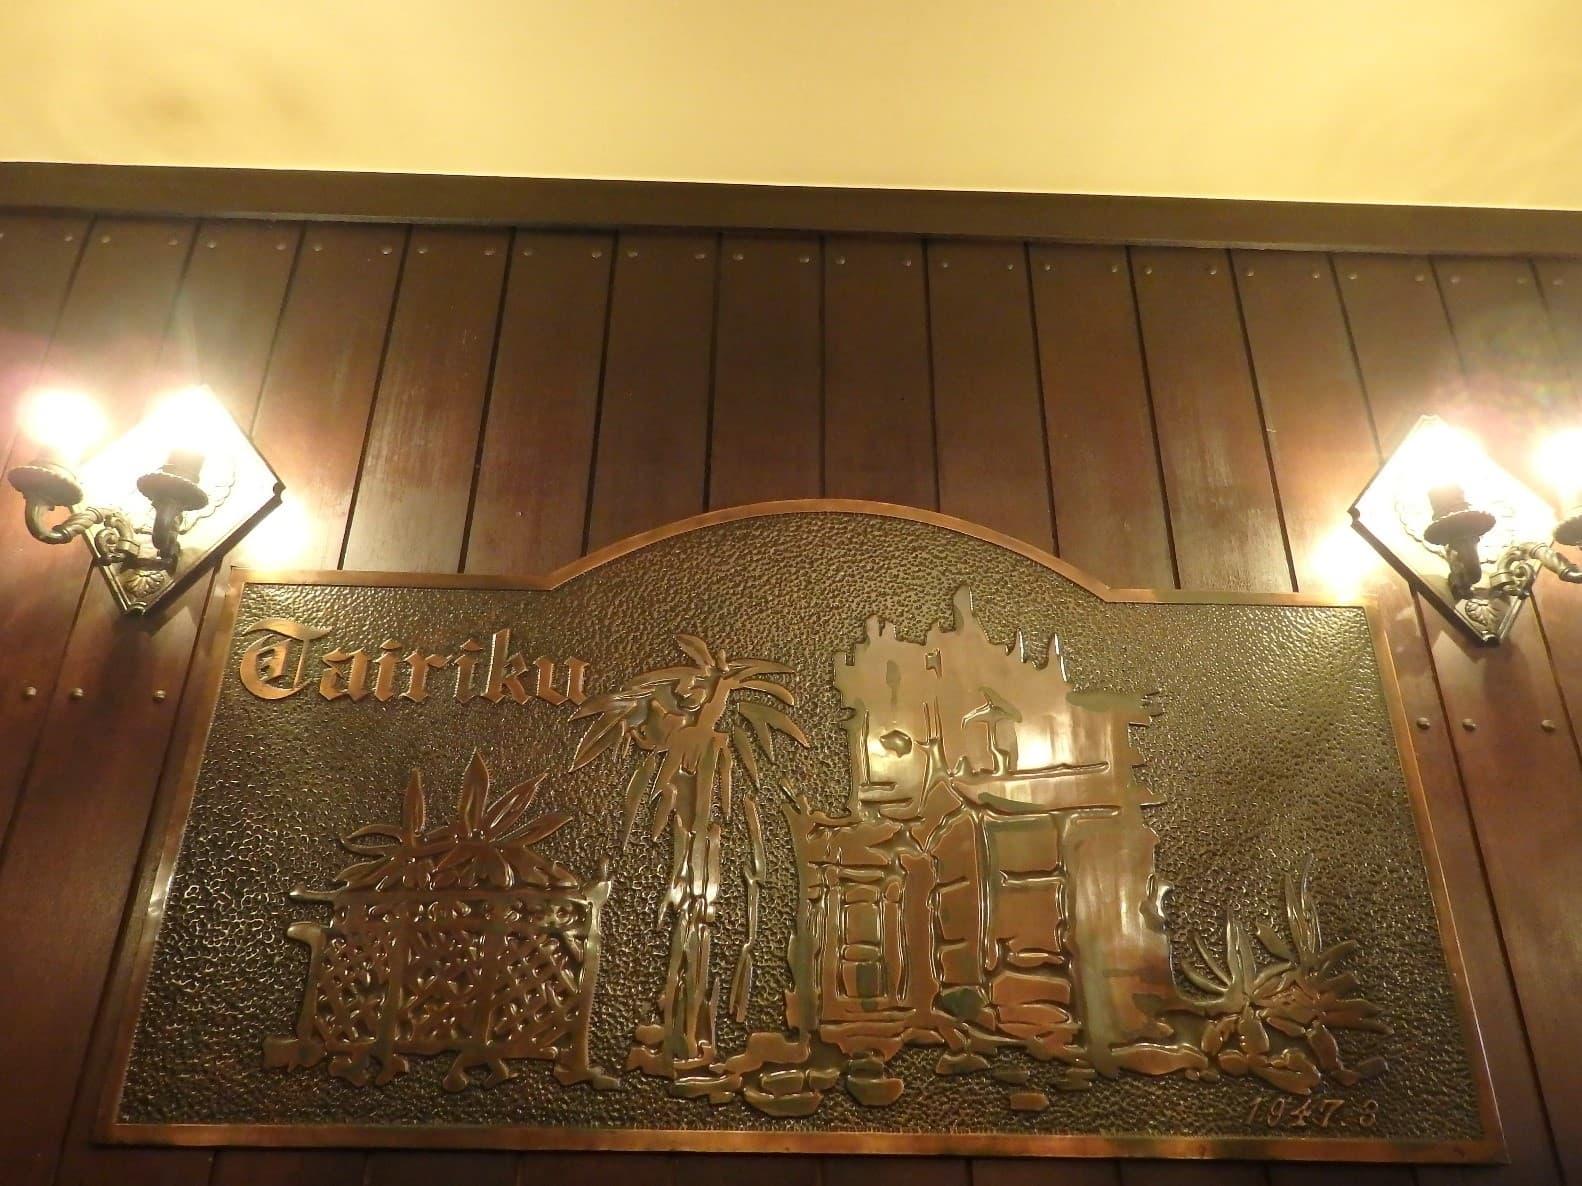 姫路駅近くの純喫茶「茶房大陸」の昔の外観を表現した銅板